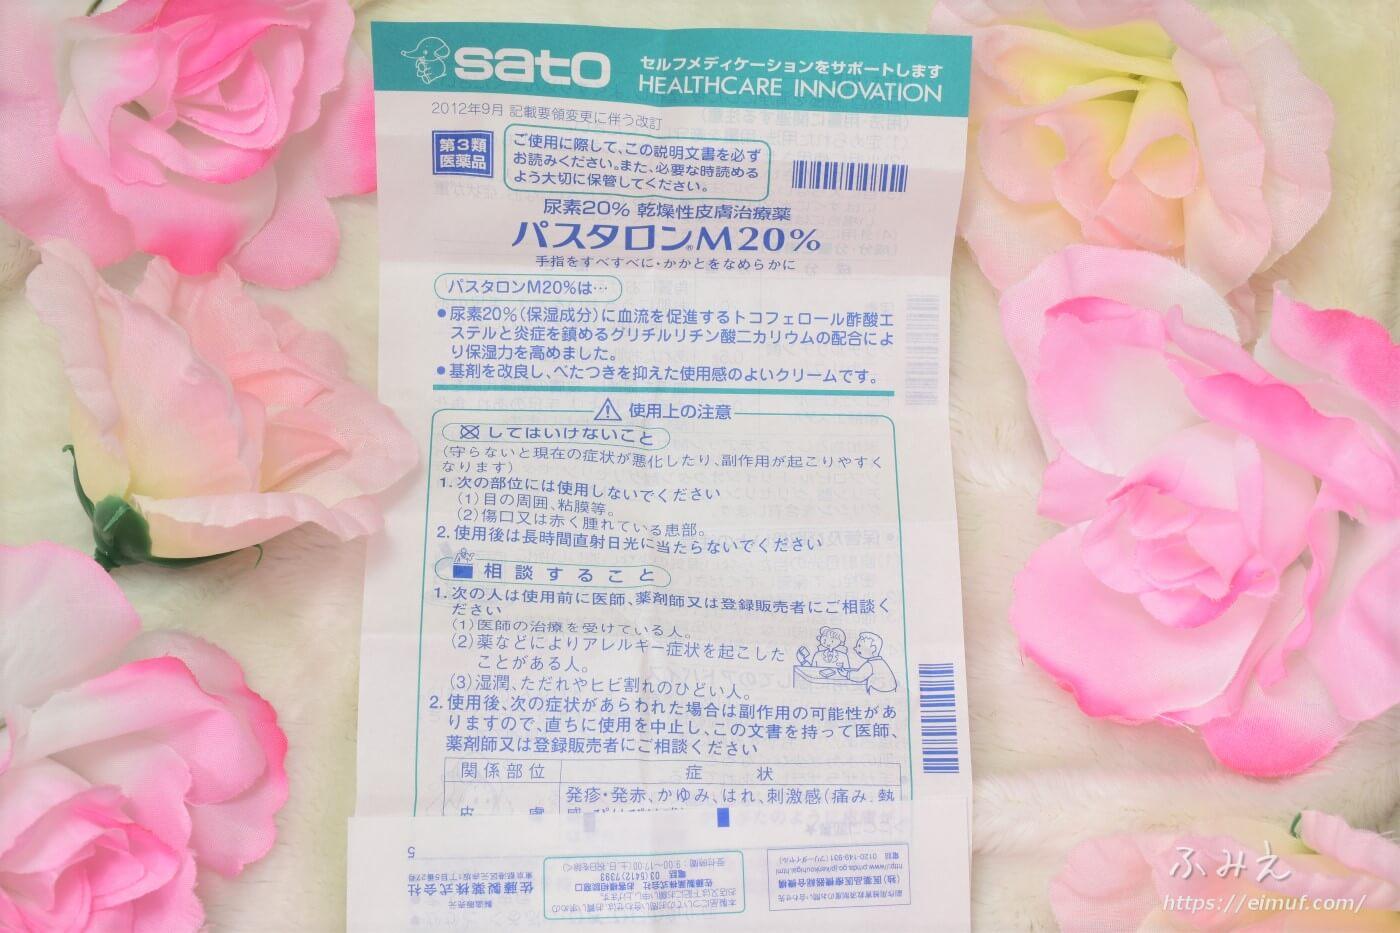 佐藤製薬 パスタロンM20%(第3類医薬品)に付属の説明書